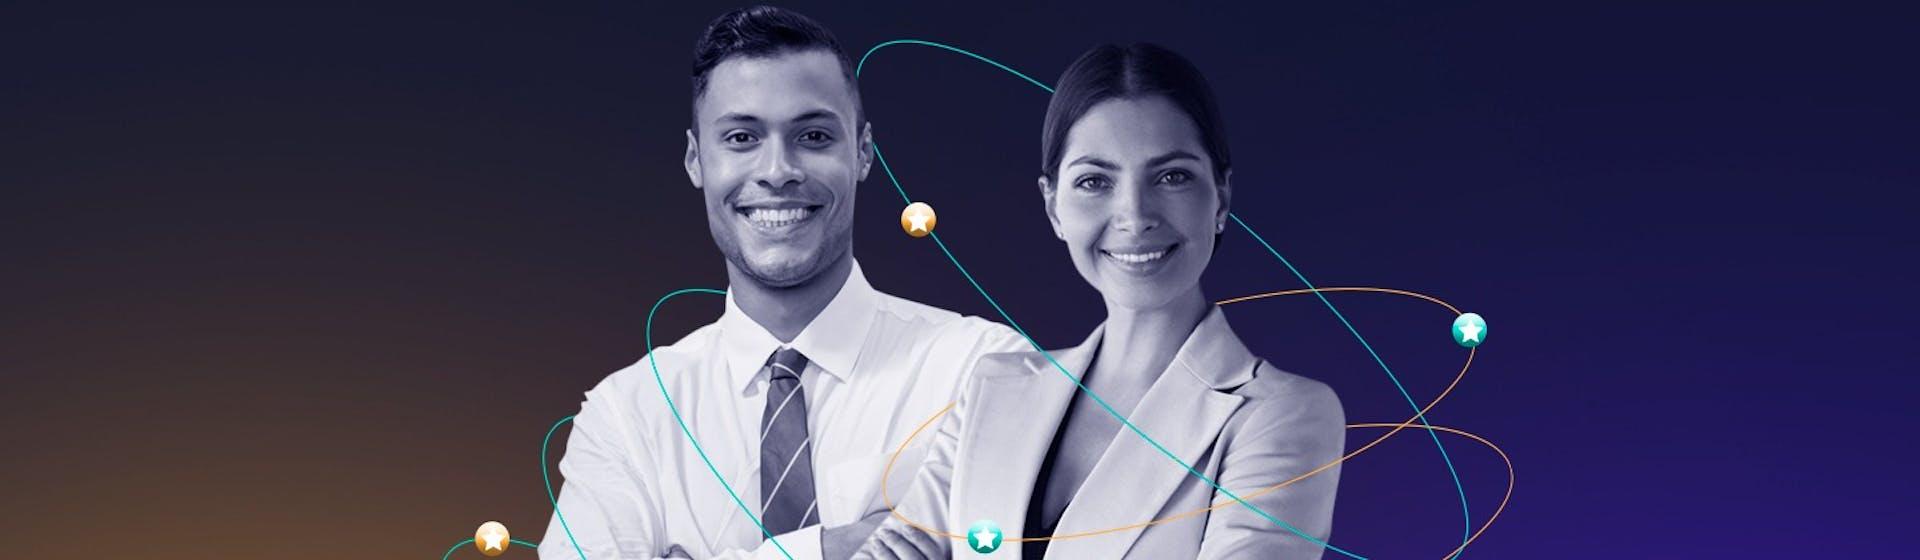 Diferencia entre líder y jefe: aprende a inspirar a tu equipo de trabajo